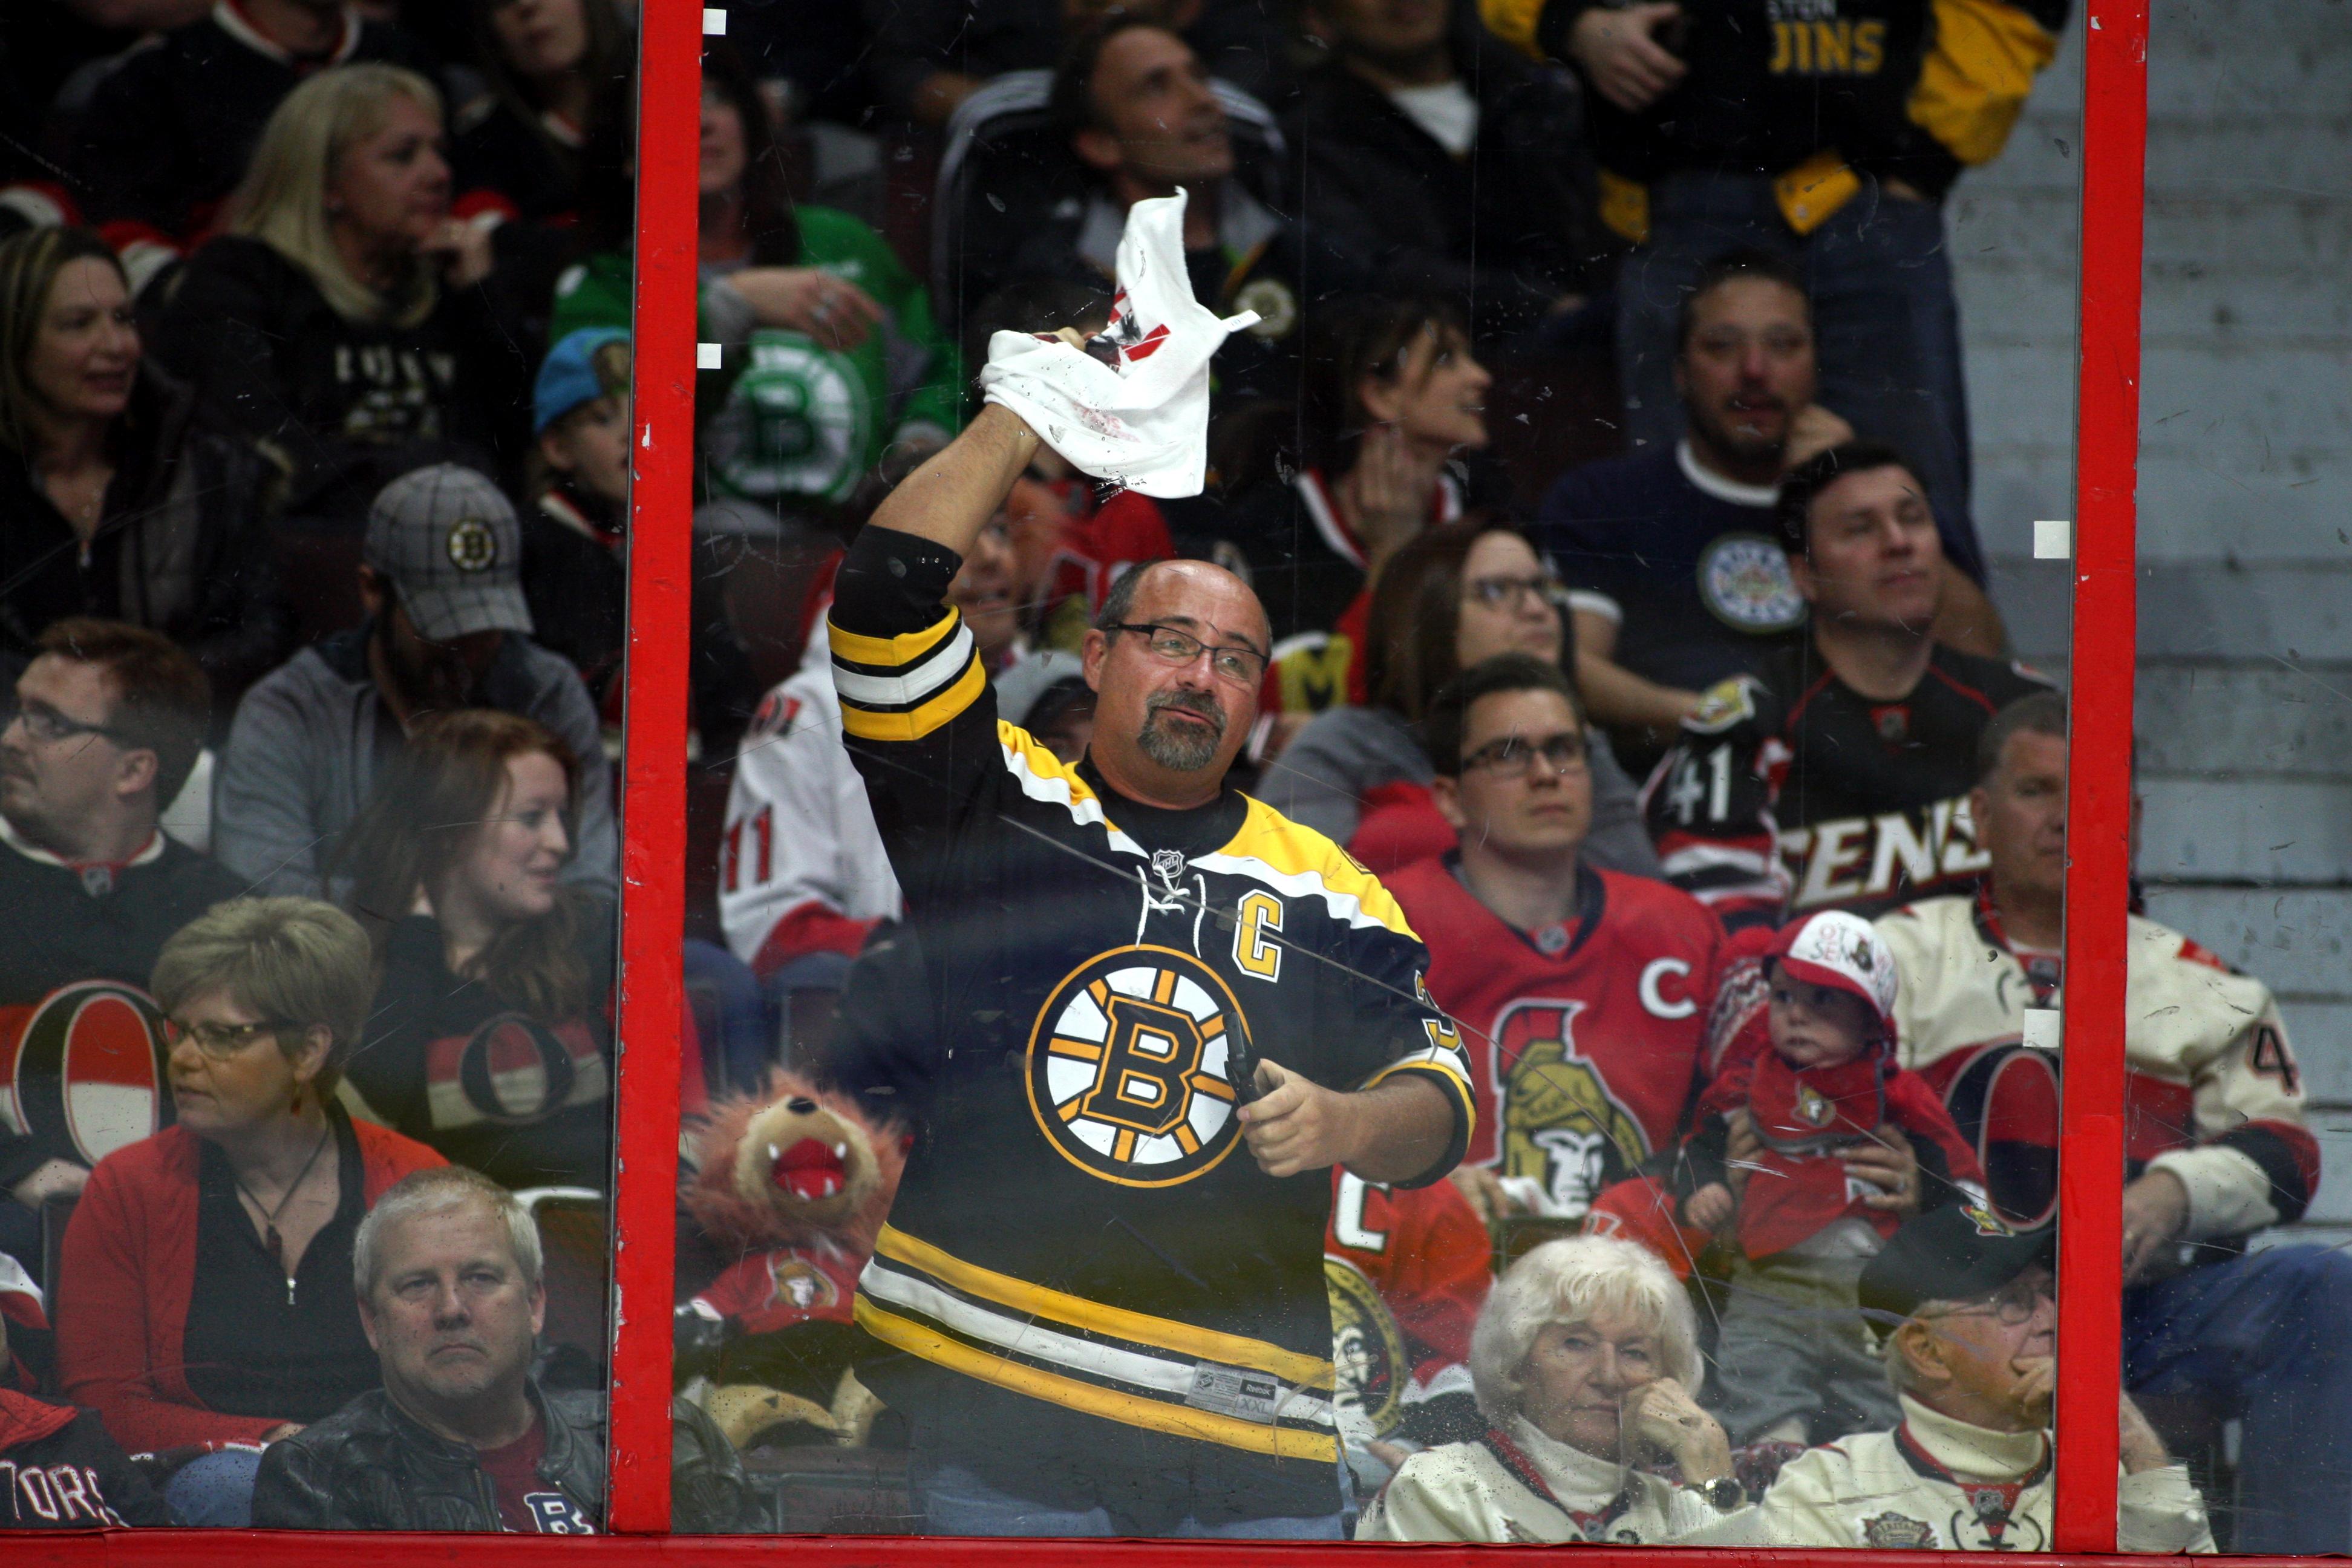 NHL: APR 12 Round 1 Game 1 - Bruins at Senators